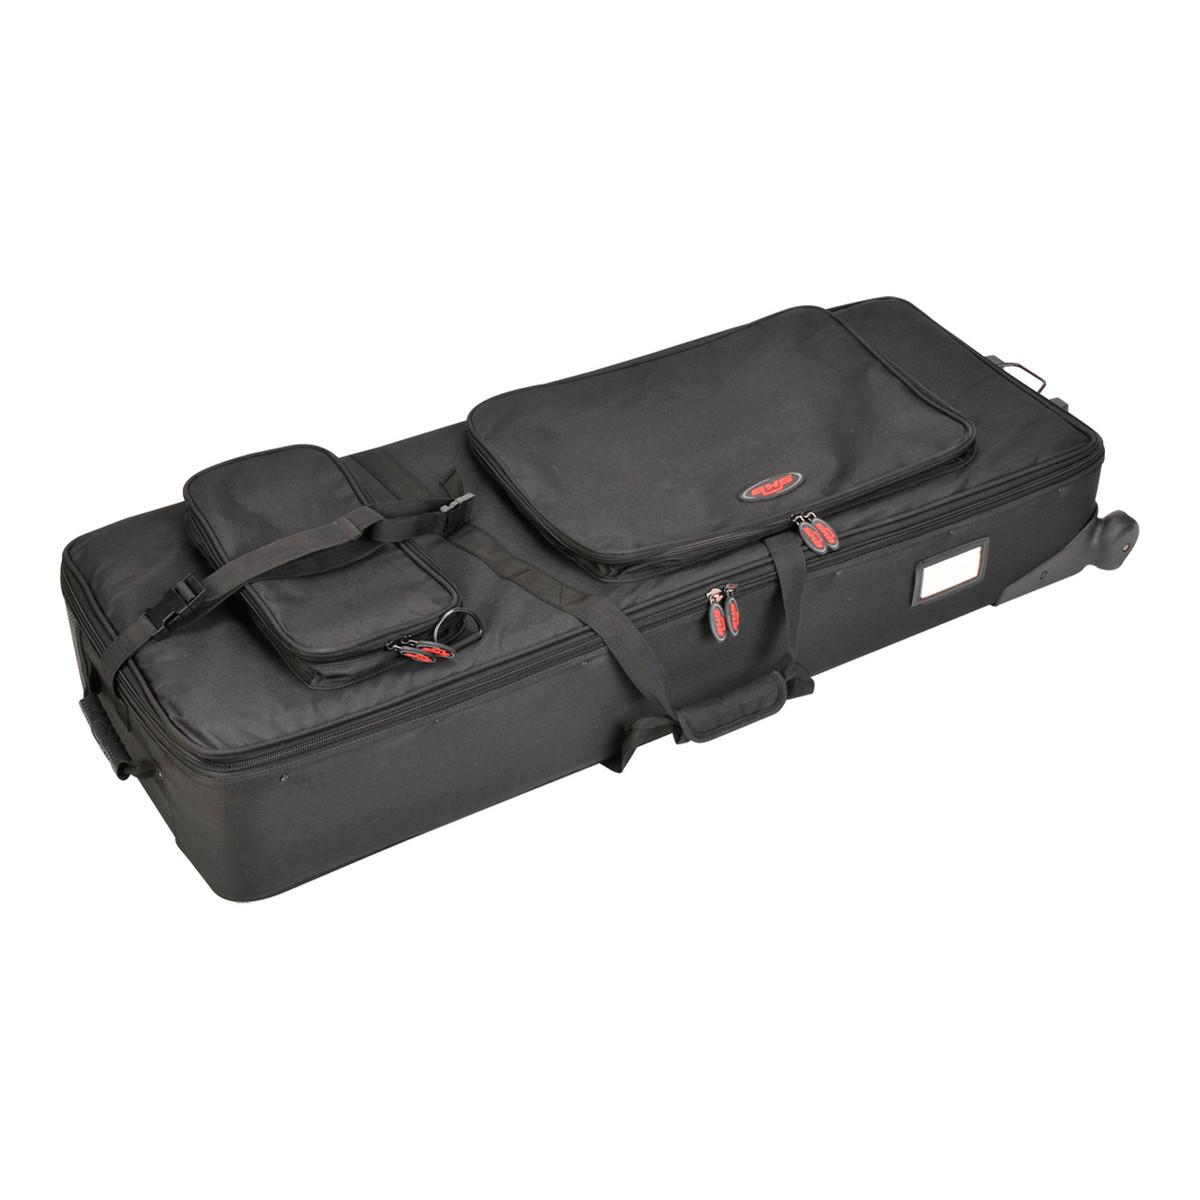 SKB 76-Key Keyboard Soft Case with Wheels